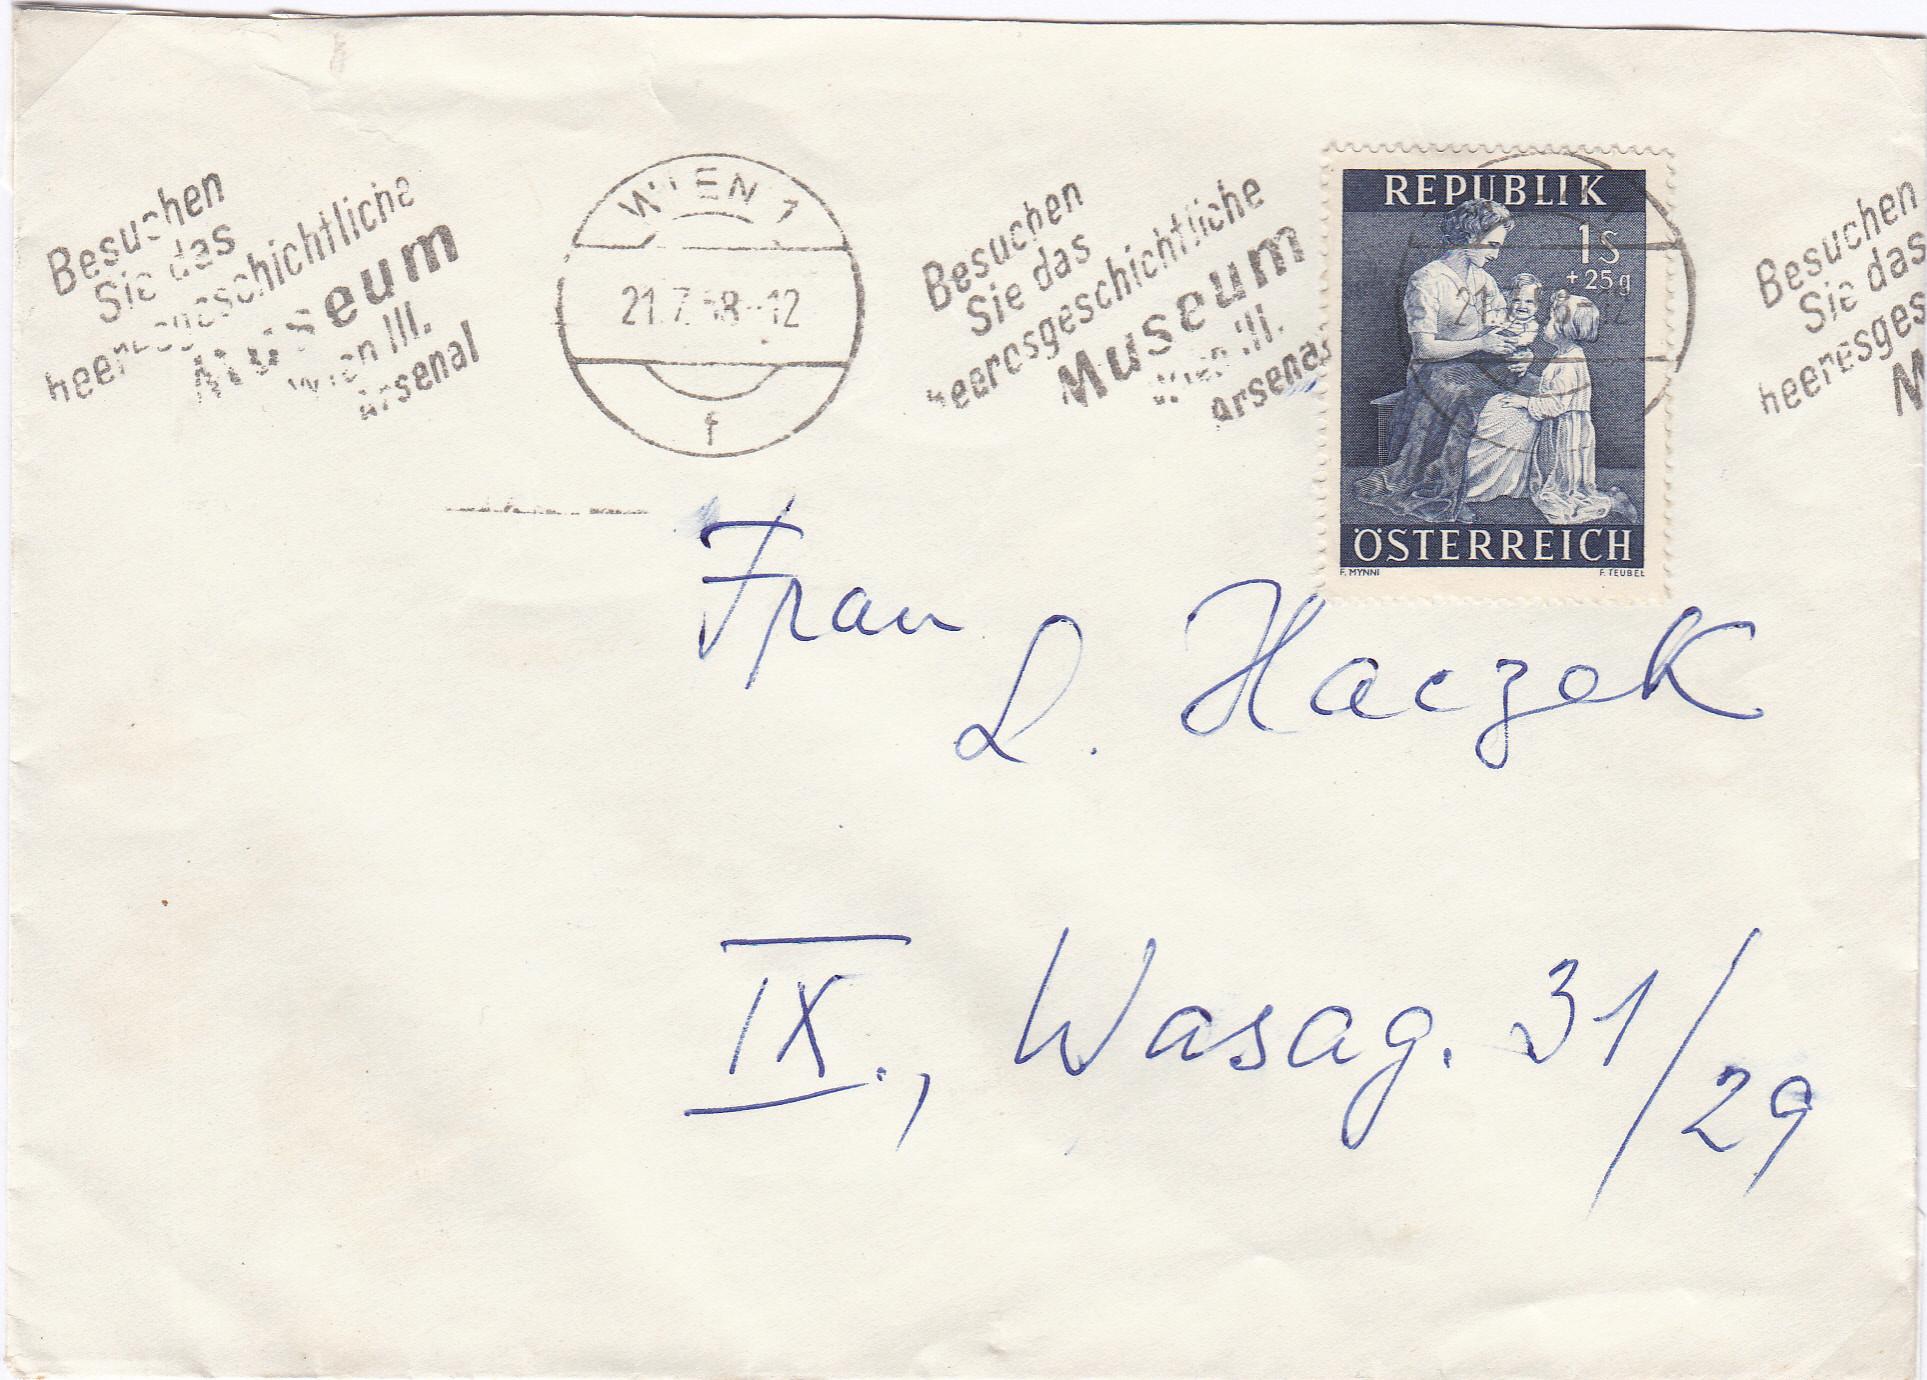 Sammlung Bedarfsbriefe Österreich ab 1945 - Seite 12 Img_0164